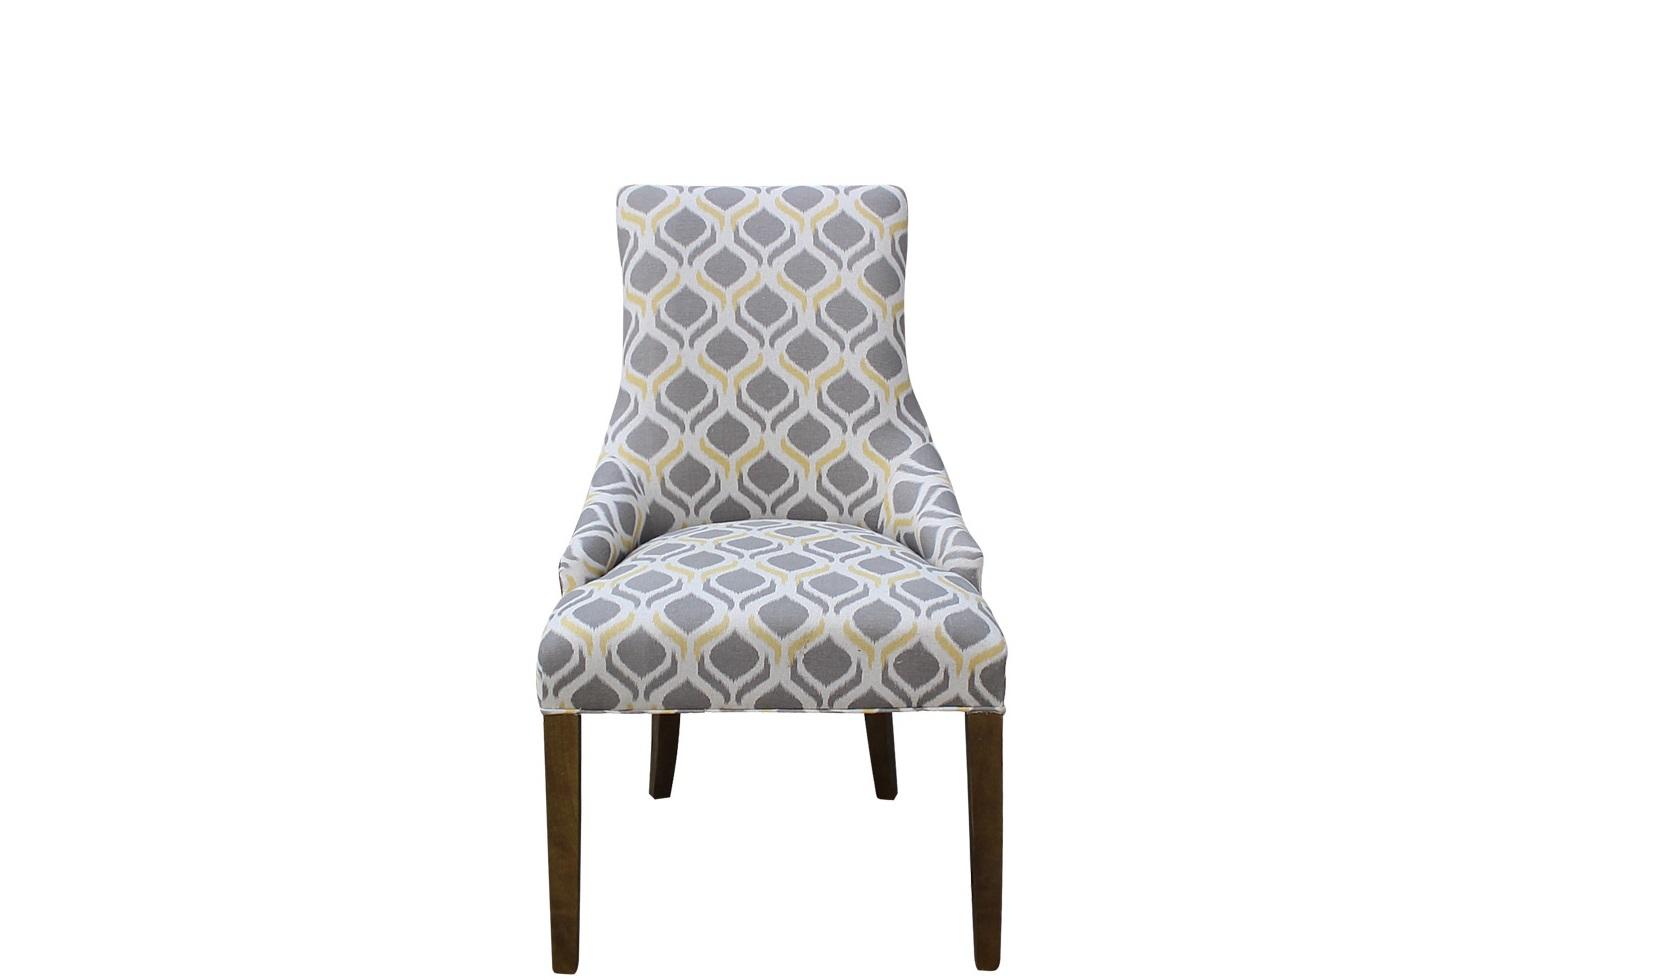 Полукресло Martin ll arm chairПолукресла<br>Оттенки серого и белого цветов часто доминируют в оформлении скандинавских интерьеров. Желтая гамма, присутствующая в оригинальном узоре обивки &amp;quot;Martin ll Arm Chair&amp;quot;, позволит лишить это сочетание нордической строгости и холодности. Абстрактный принт с яркими акцентами создаст в гостиной, столовой или спальне совершенно другое настроение. Он привнесет в современное оформление больше тепла и света, которых так не достает в наших северных широтах.<br><br>Material: Текстиль<br>Width см: 61<br>Depth см: 78<br>Height см: 98